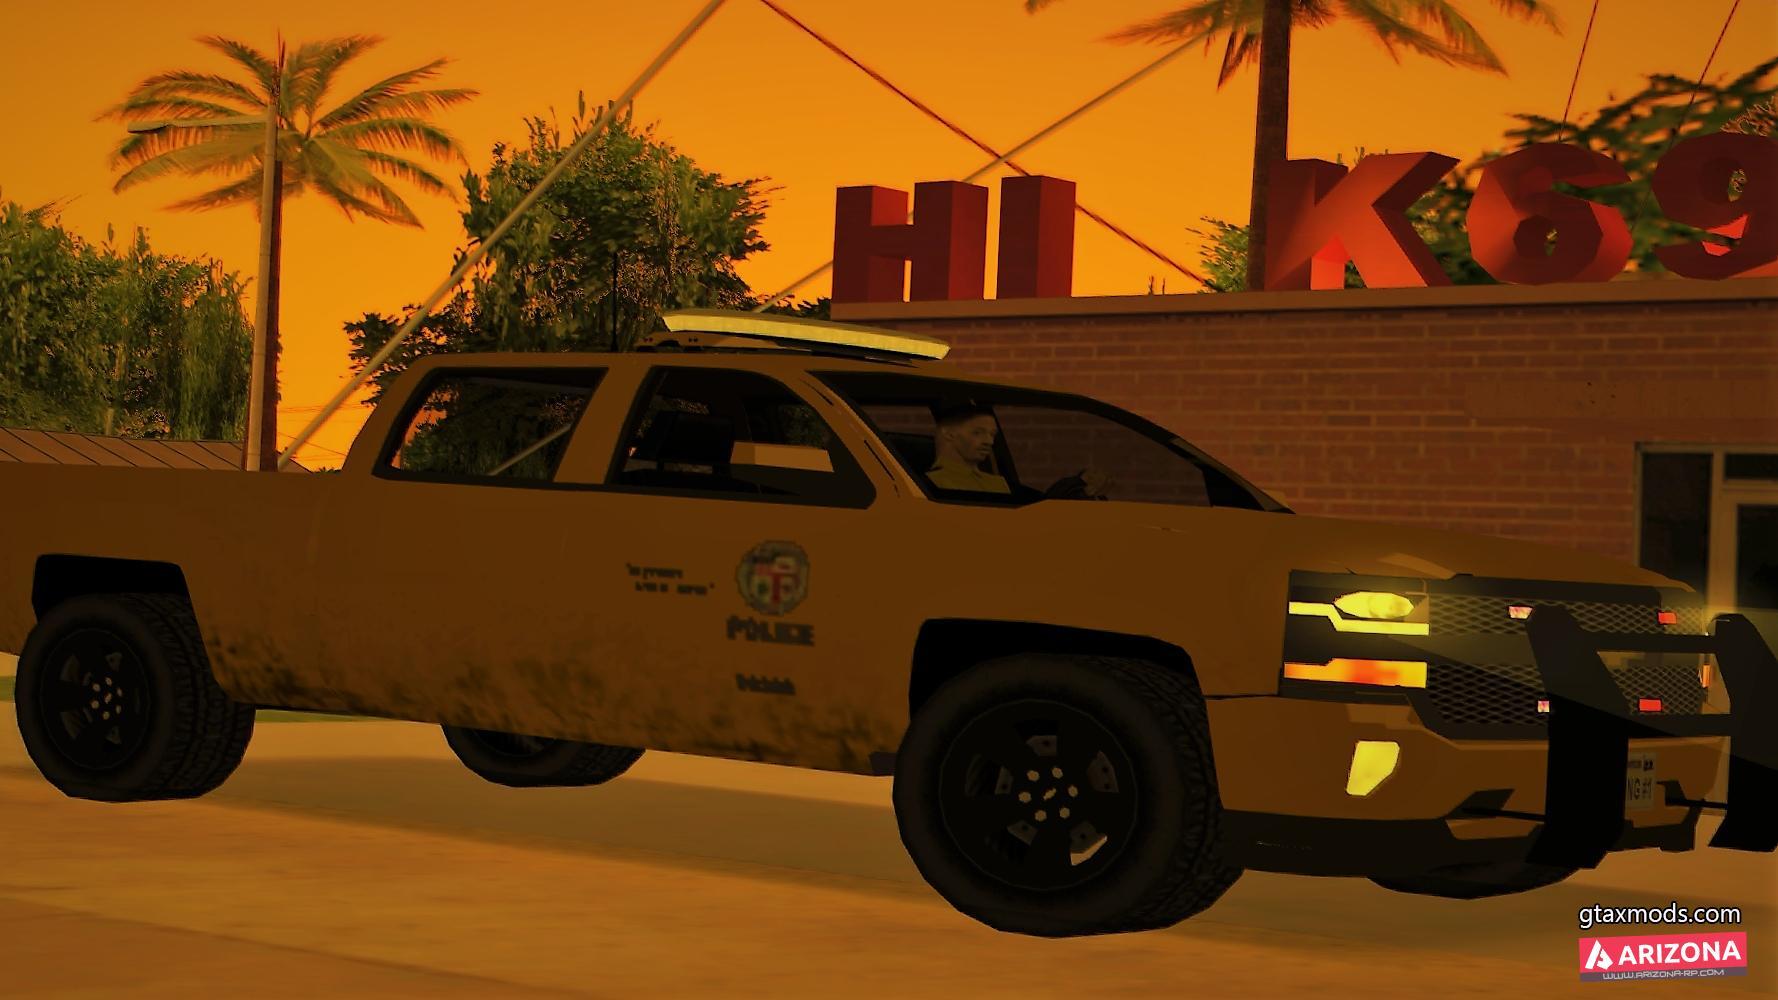 Texas Police Rancher